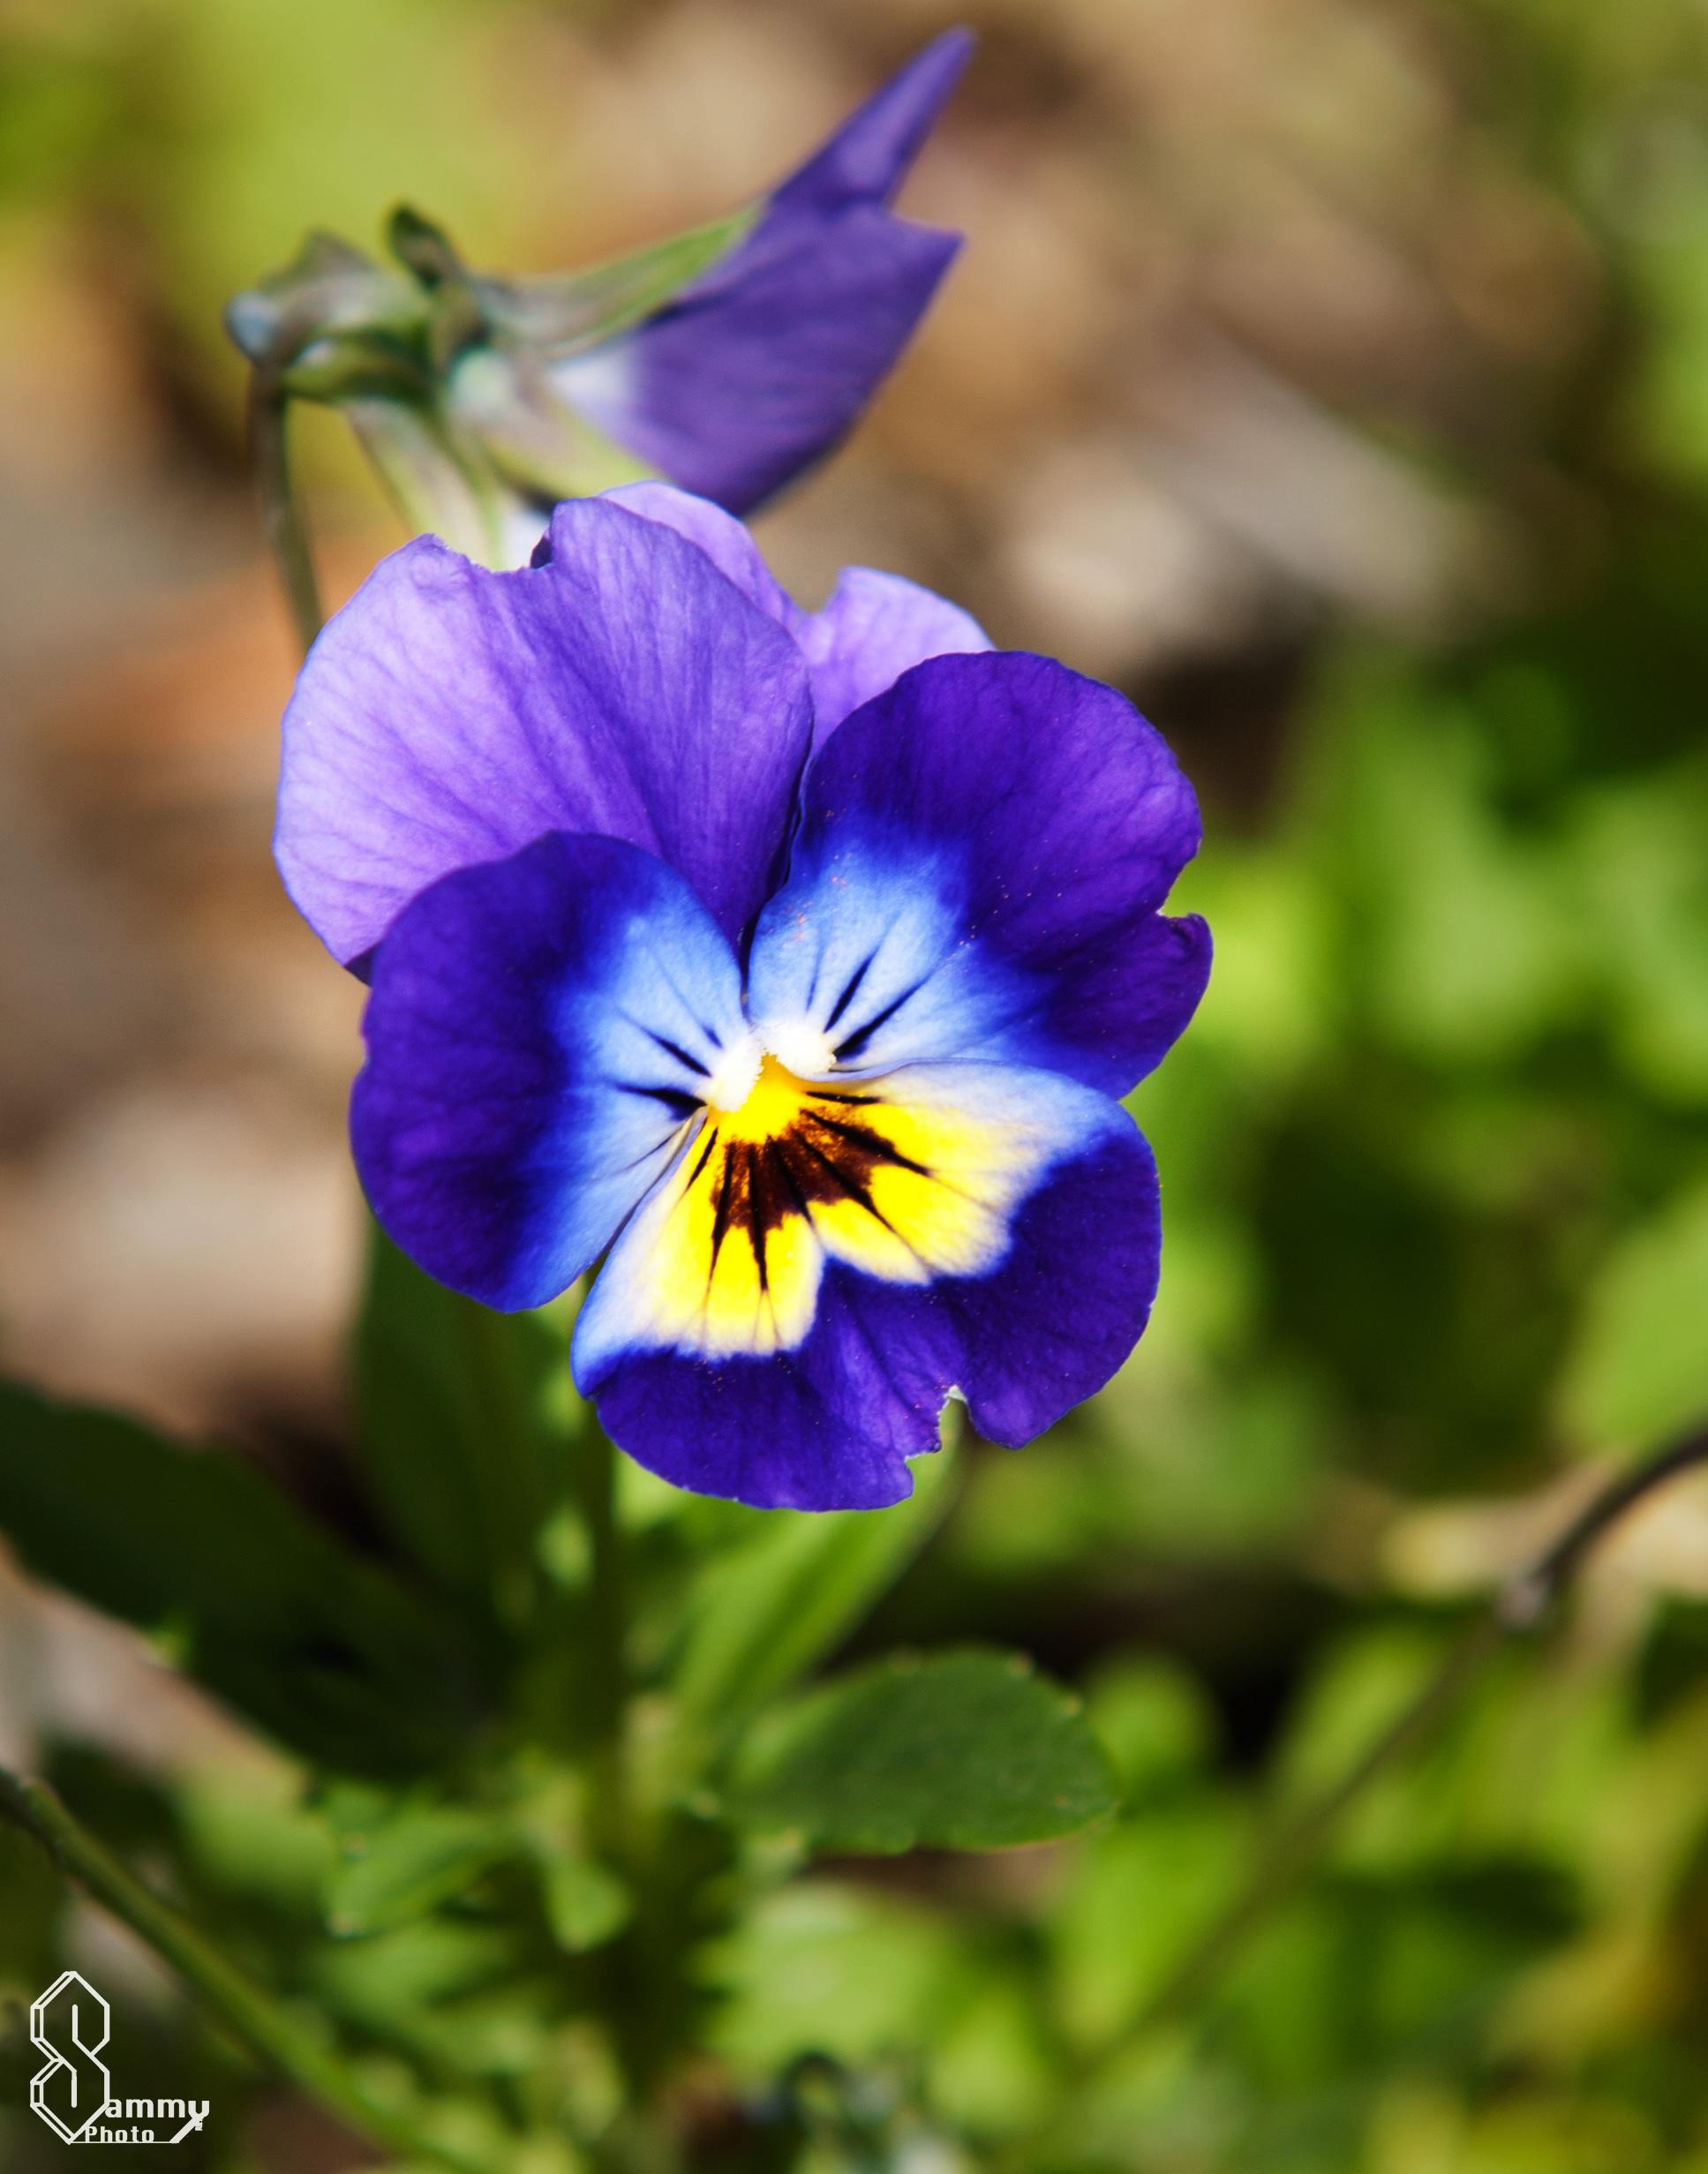 Flower Friday | Sammy Photo